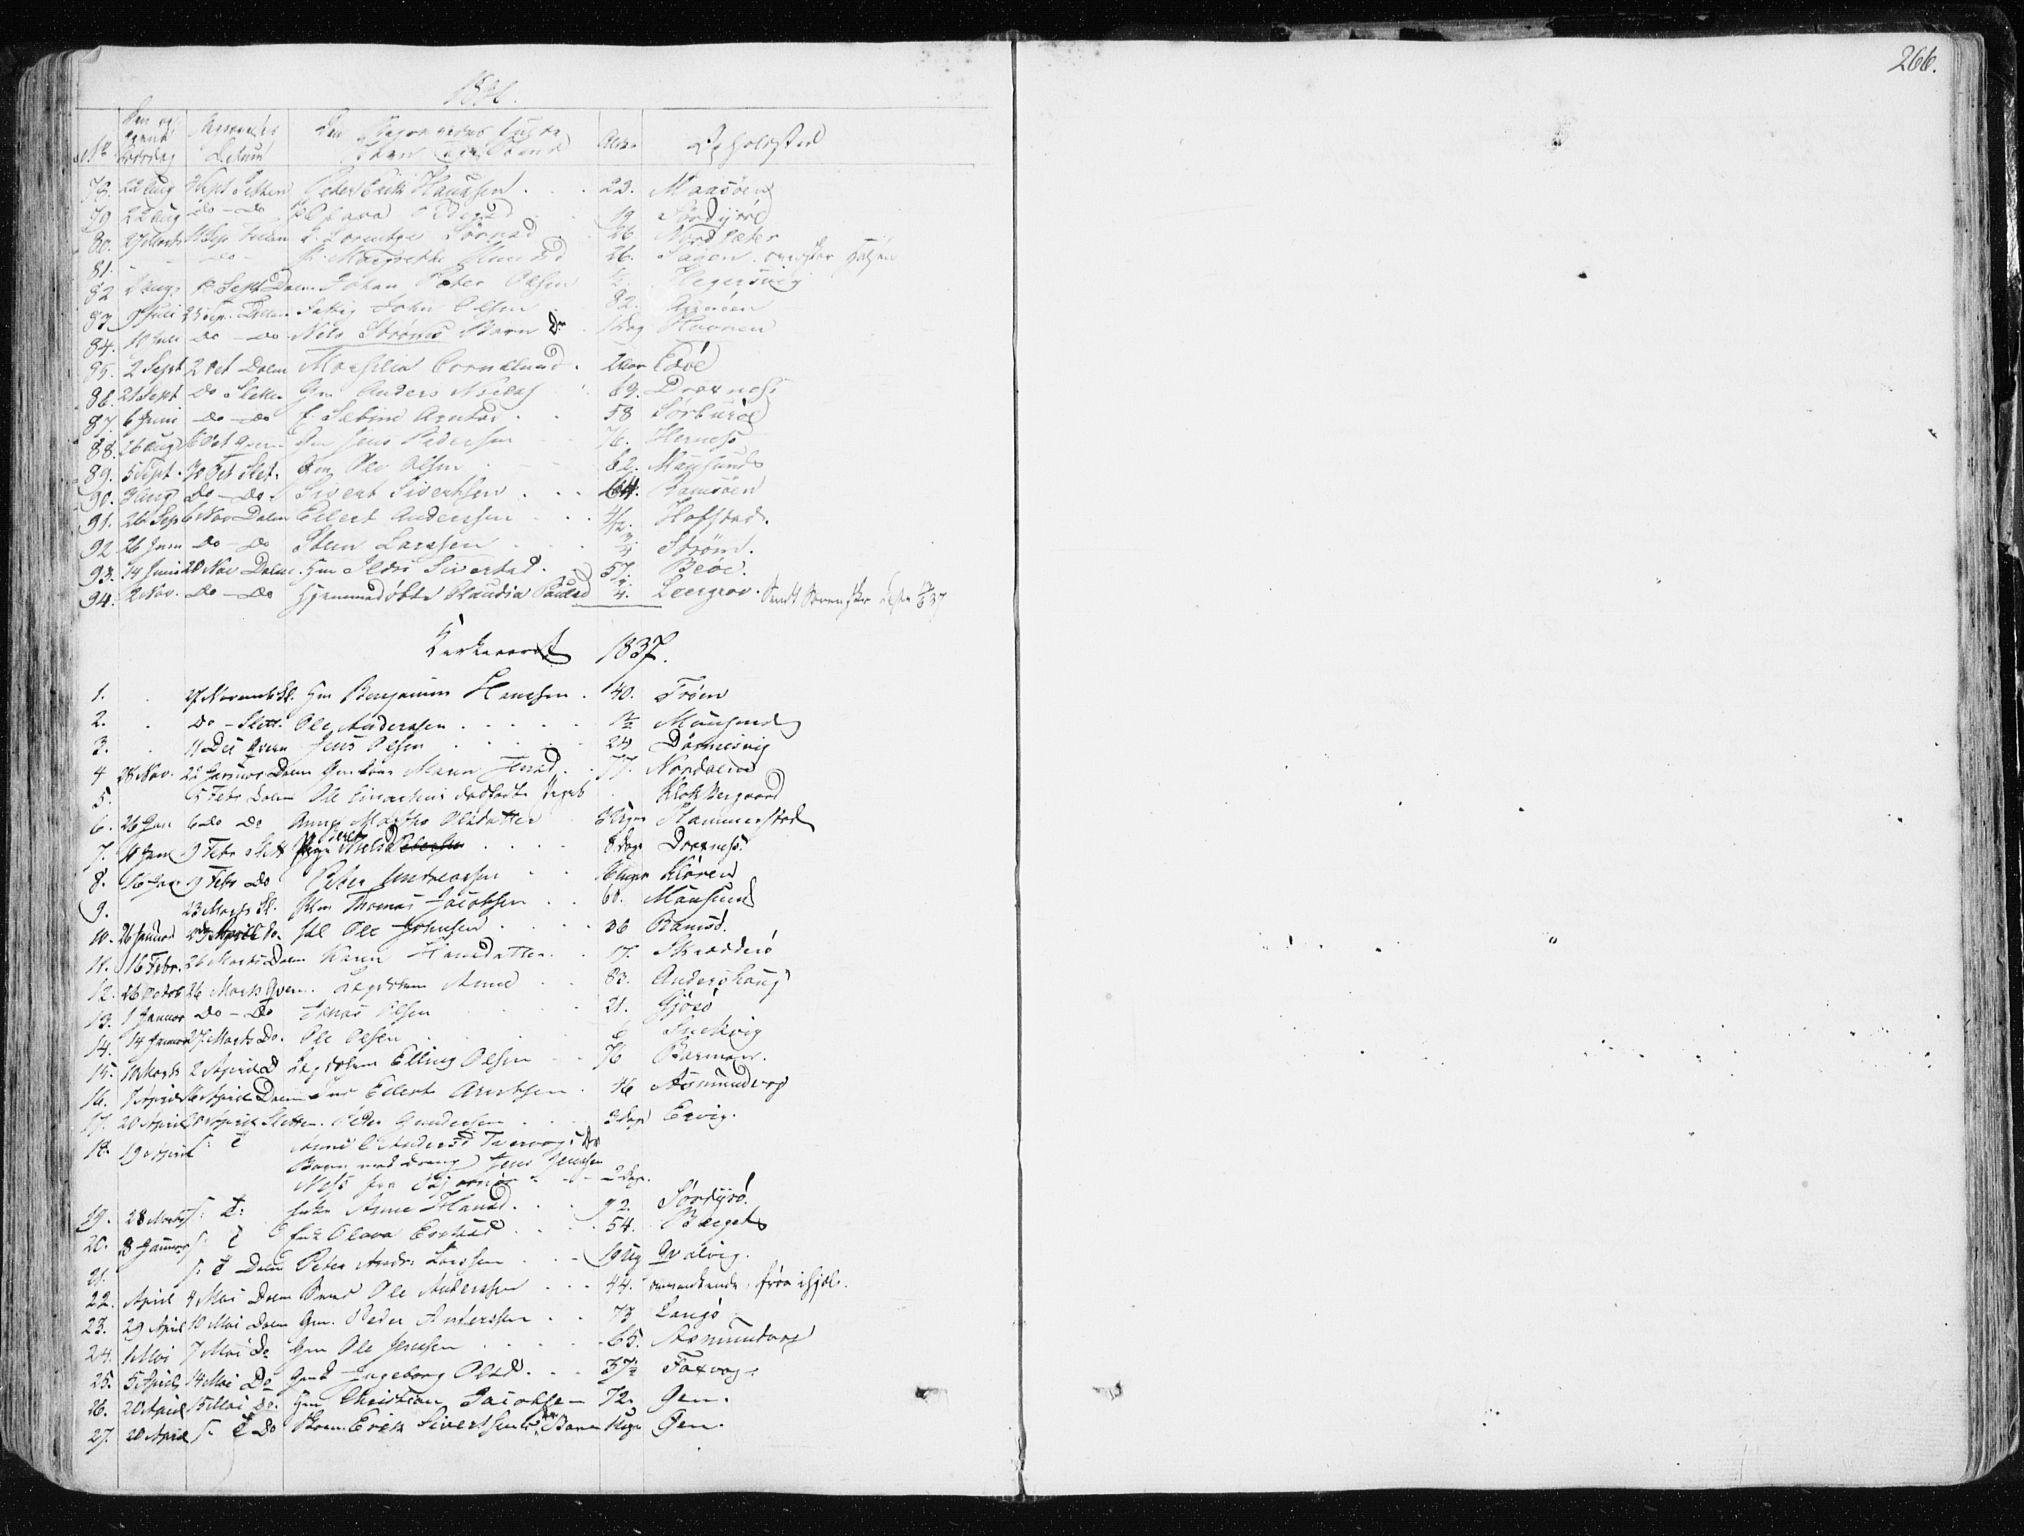 SAT, Ministerialprotokoller, klokkerbøker og fødselsregistre - Sør-Trøndelag, 634/L0528: Ministerialbok nr. 634A04, 1827-1842, s. 266